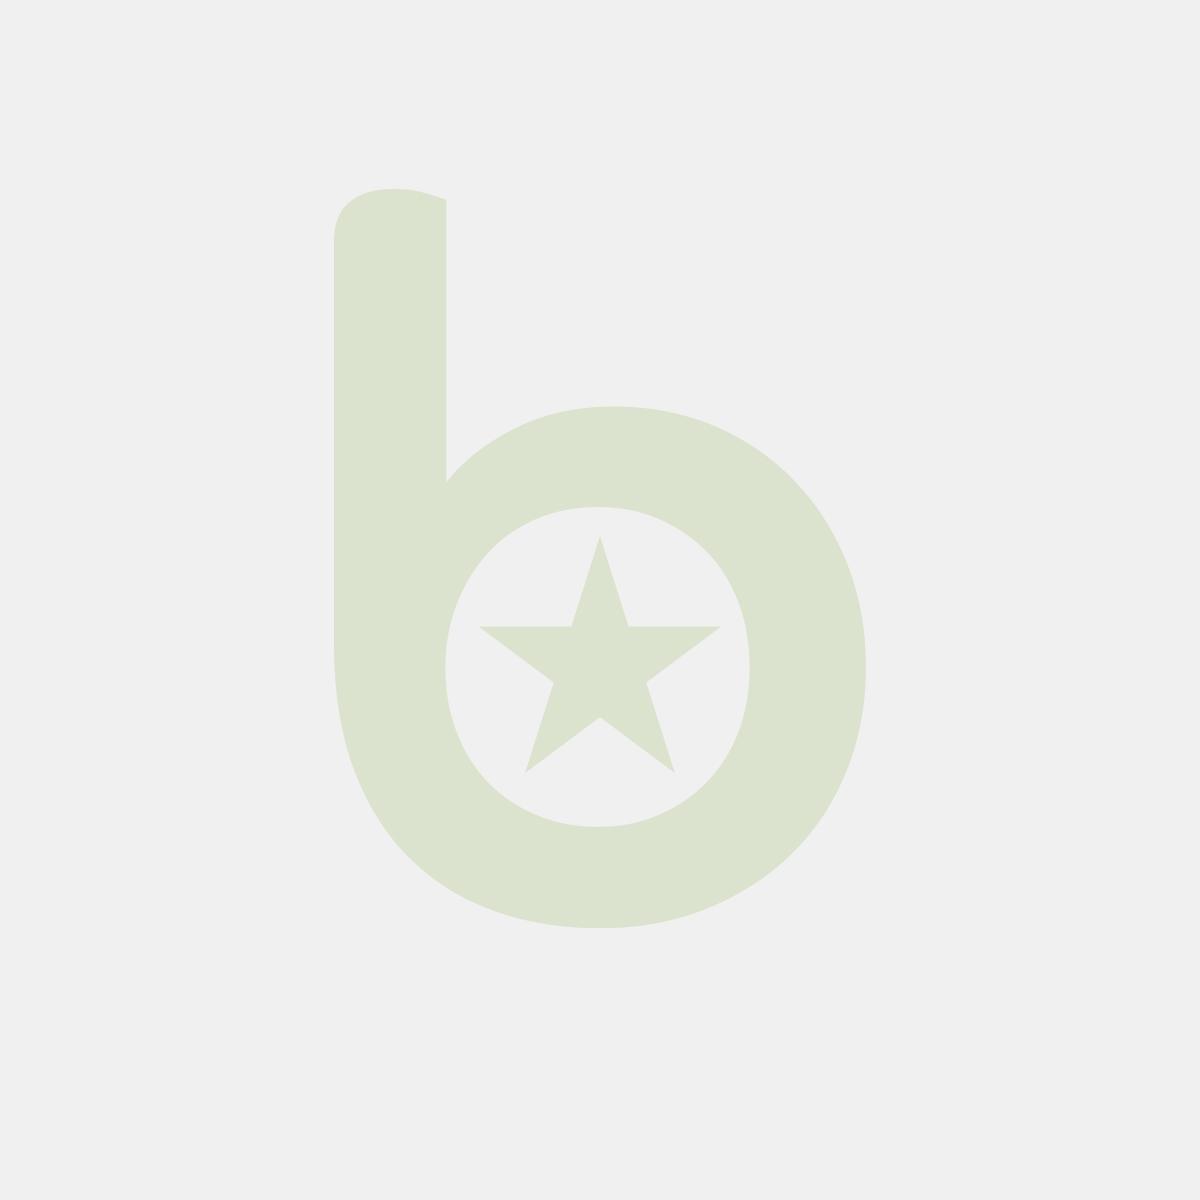 FINGERFOOD - mini porcelanowa łyżka SPOONY, biała 118x41x30mm op. 4 sztuki